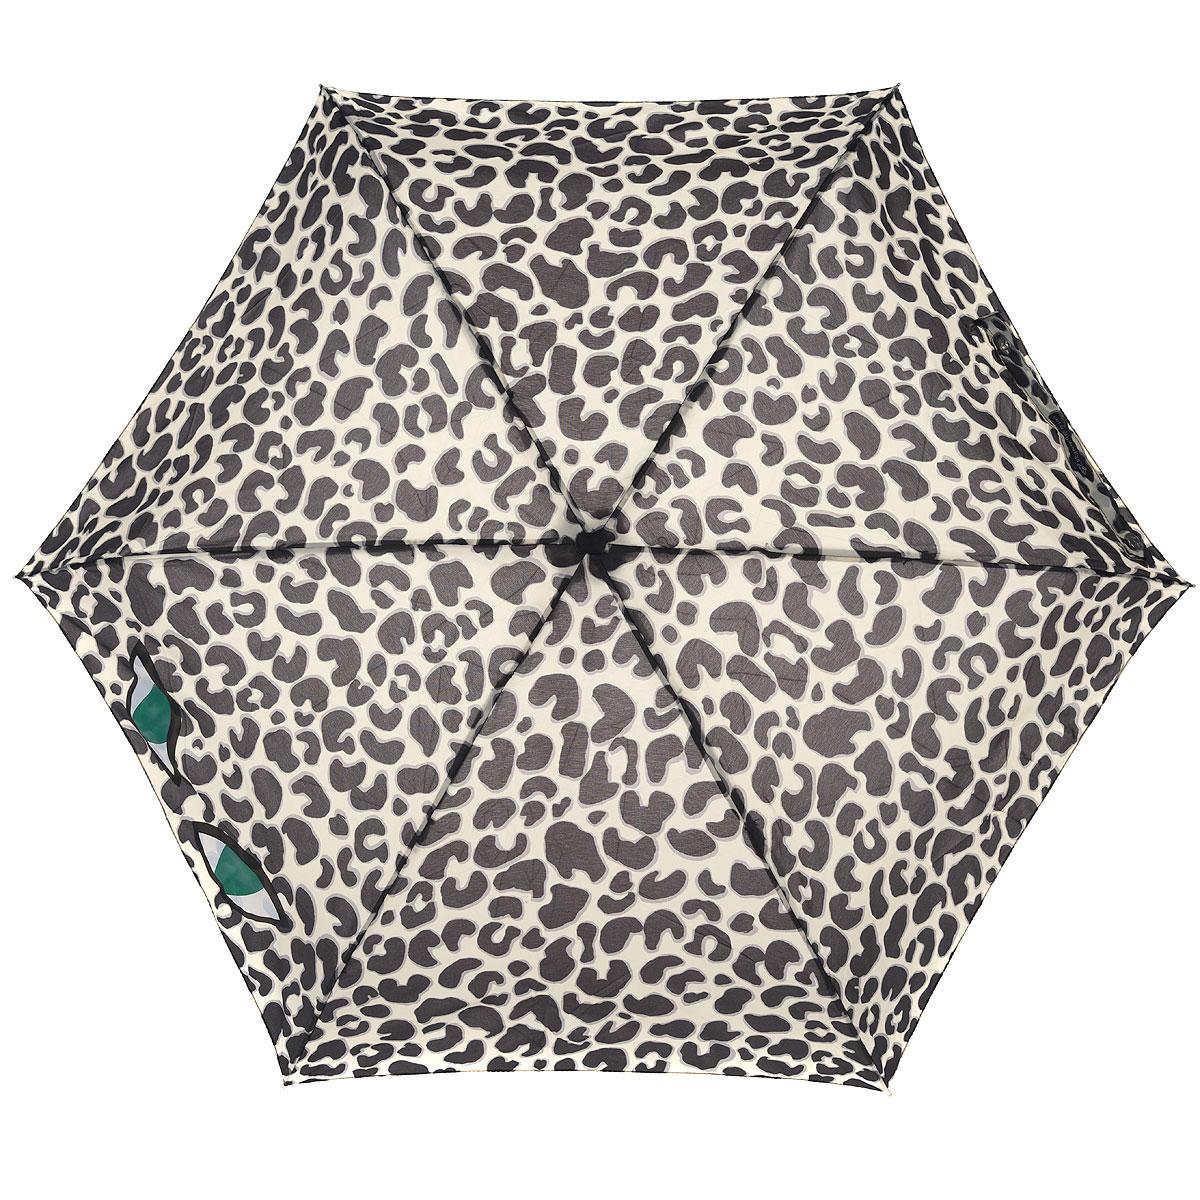 """Зонт женский Lulu Guinness Leopard Eye, механический, 5 сложений, цвет: бежевый, черныйL717 3F2682Стильный зонт """"Leopard Eye"""" защитит от непогоды, а его сверхкомпактный размер позволит вам всегда носить его с собой. """"Ветростойкий"""" каркас зонта выполнен из алюминия и состоит из шести спиц с элементами из фибергласса, зонт оснащен удобной рукояткой из пластика. Купол зонта выполнен из прочного полиэстера и оформлен леопардовым принтом. На рукоятке для удобства есть небольшой шнурок, позволяющий надеть зонт на руку тогда, когда это будет необходимо. К зонту прилагается чехол. Зонт механического сложения: купол открывается и закрывается вручную, стержень также складывается вручную до характерного щелчка."""